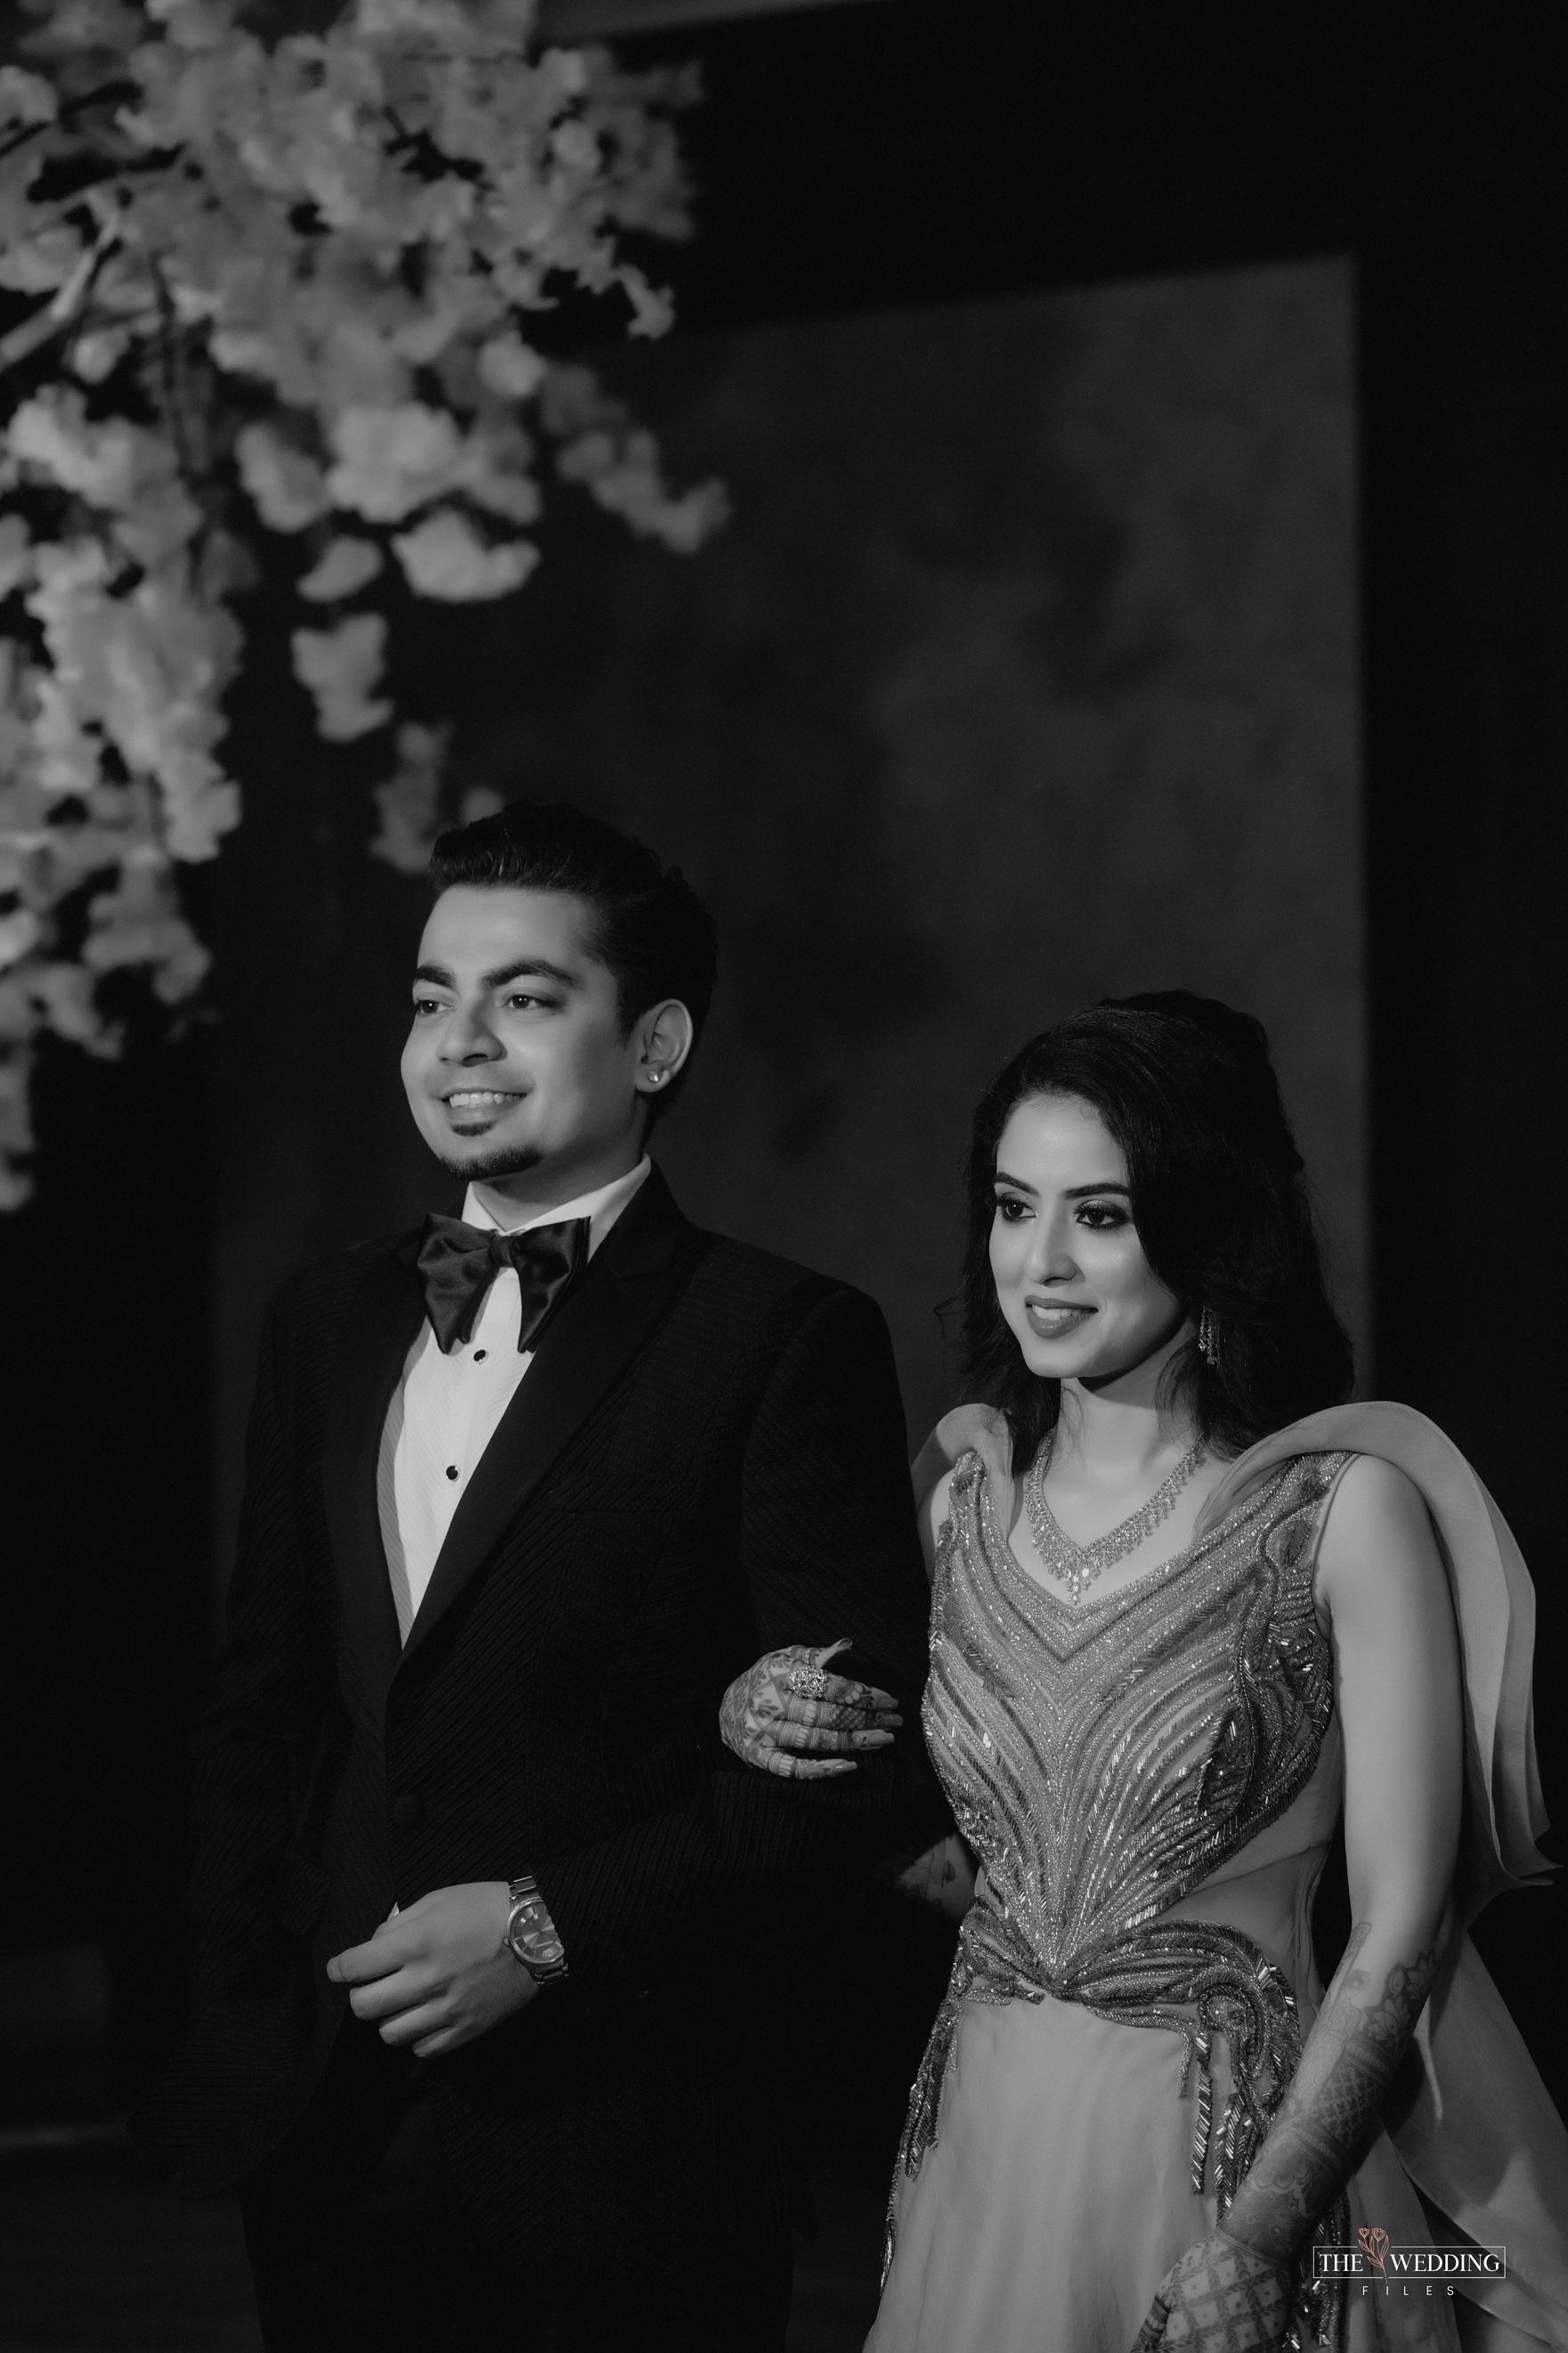 groom wearing tuxedo